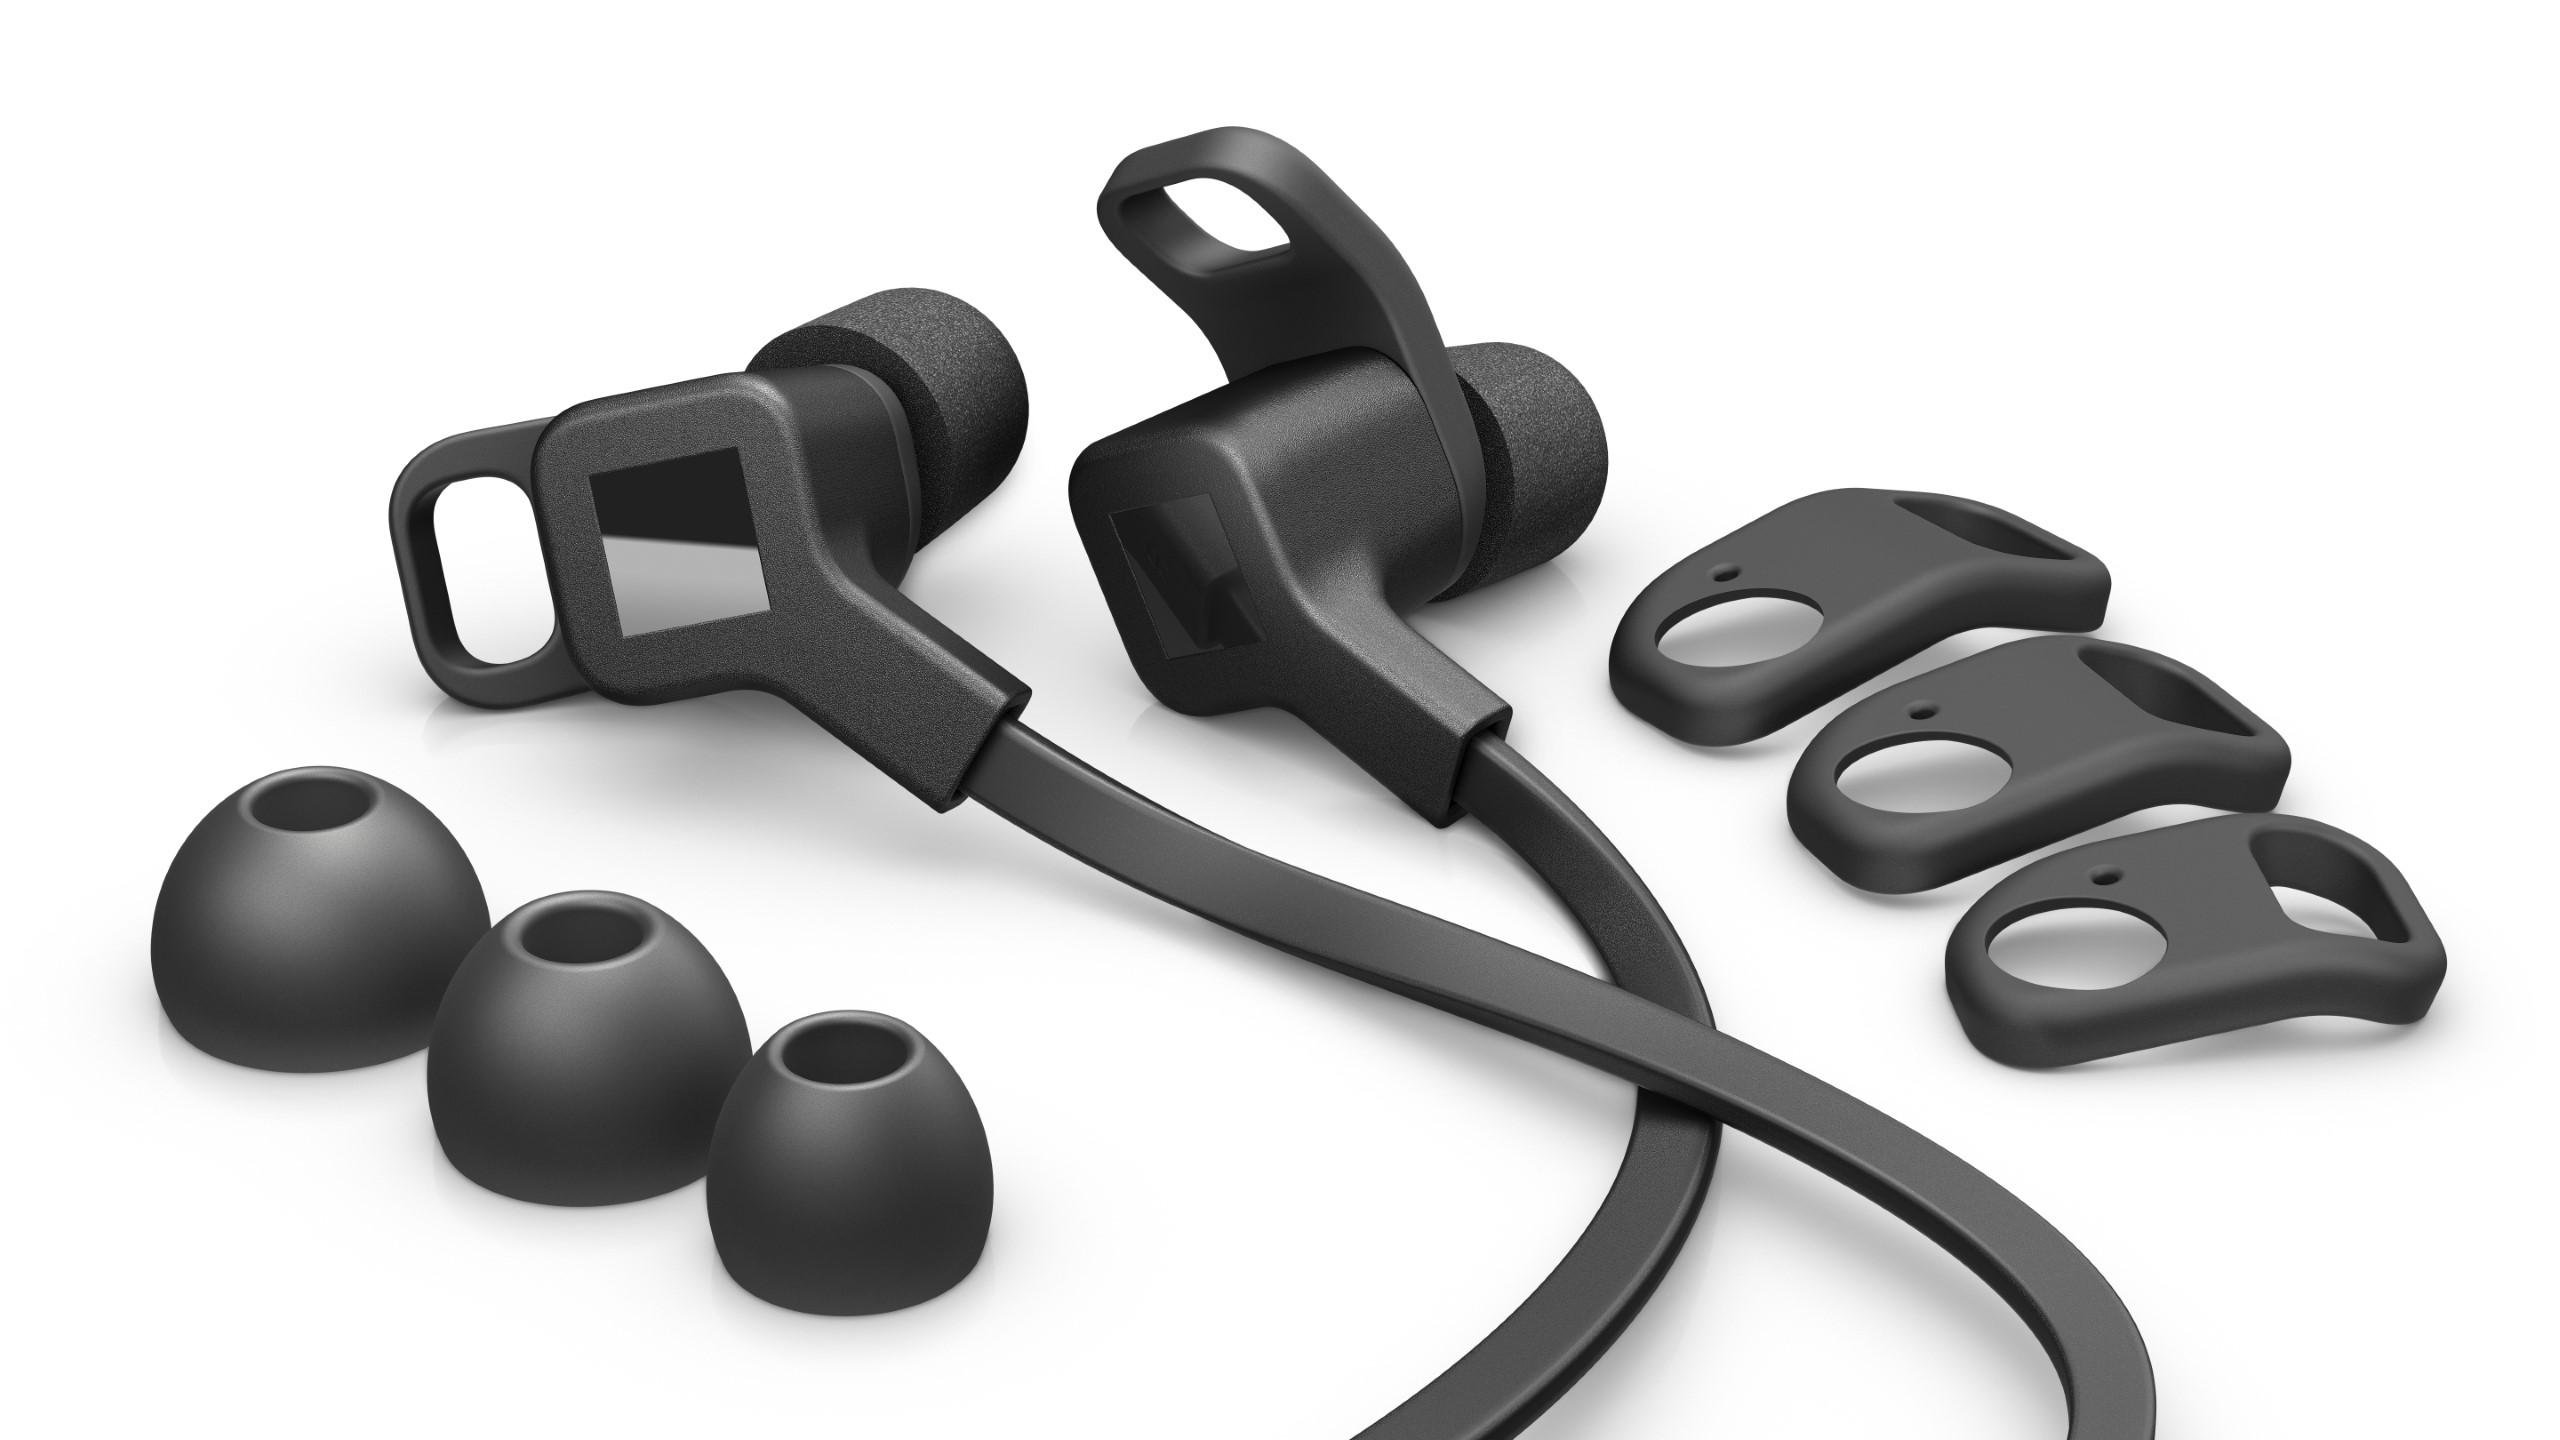 Zubehör: HP bringt neue Headsets, Lautsprecher und Ohrstöpsel - HP Omen Dyad (Bild: HP)